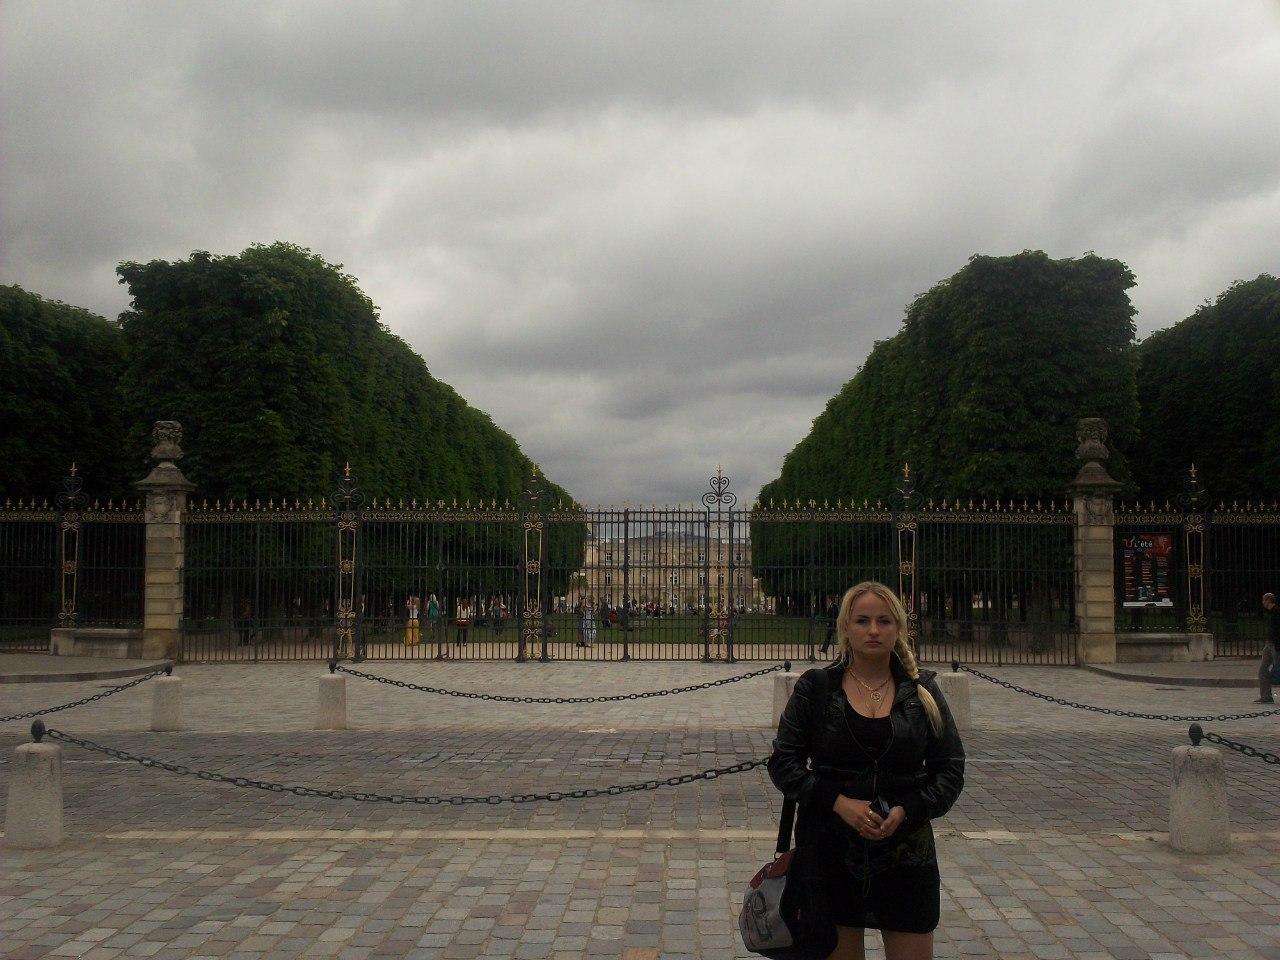 Елена Руденко. Франция. Париж. 2013 г. июнь. DR__mDHp7VQ